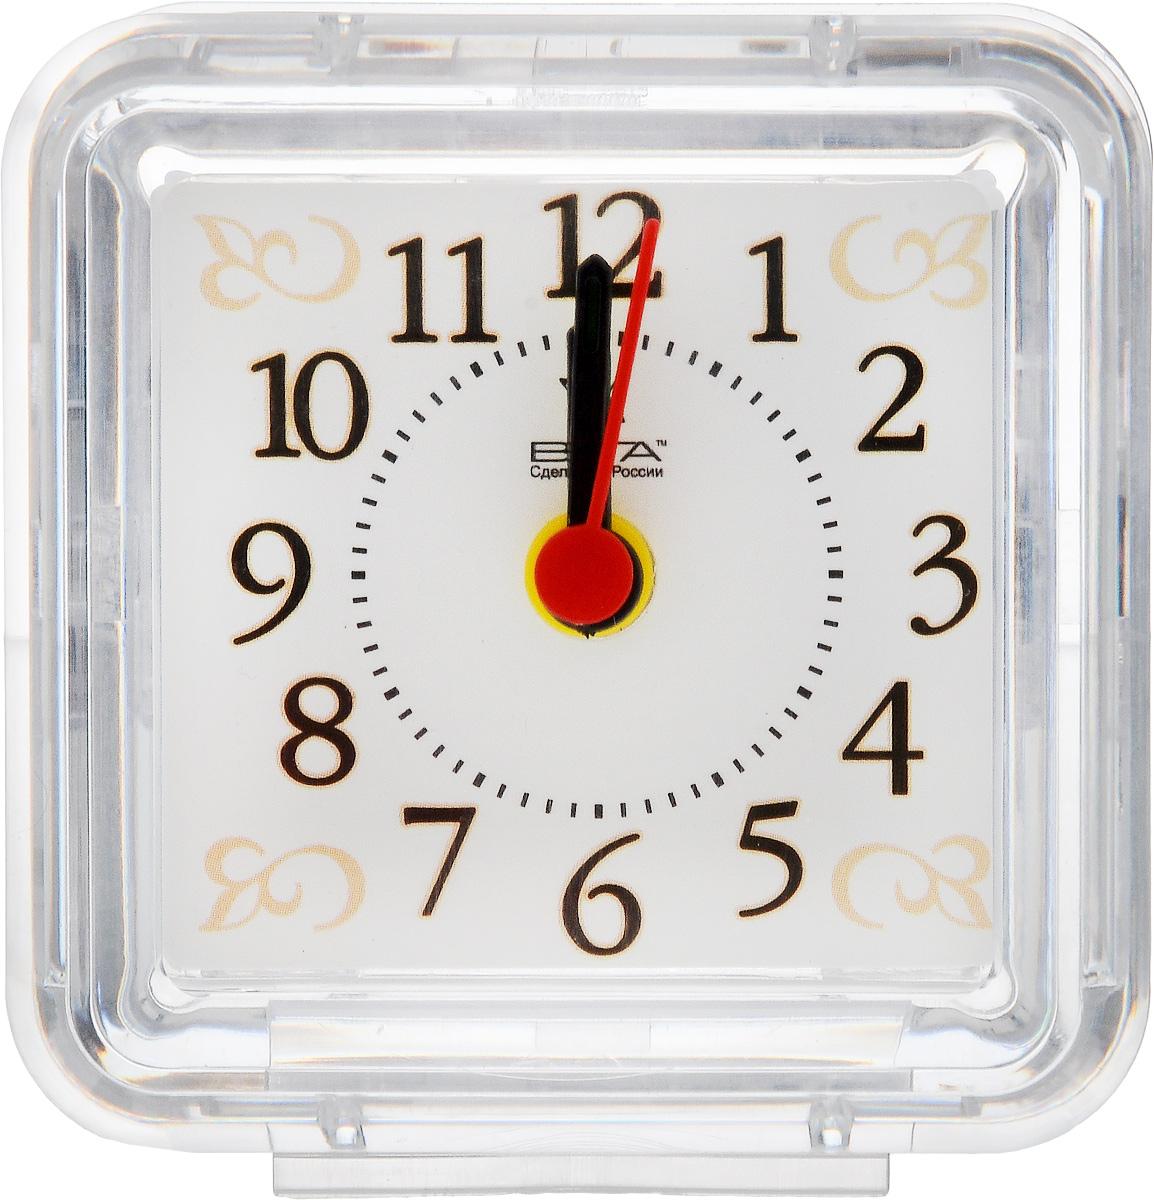 Часы-будильник Вега Узор4630011250772Настольные кварцевые часы Вега Узор изготовлены из прозрачного пластика. Часы имеют три стрелки - часовую, минутную и стрелку завода.Такие часы красиво и оригинально украсят интерьер дома или рабочий стол в офисе. Также часы могут стать уникальным, полезным подарком для родственников, коллег, знакомых и близких.Часы работают от батарейки типа АА (в комплект не входит). Имеется инструкция по эксплуатации на русском языке.